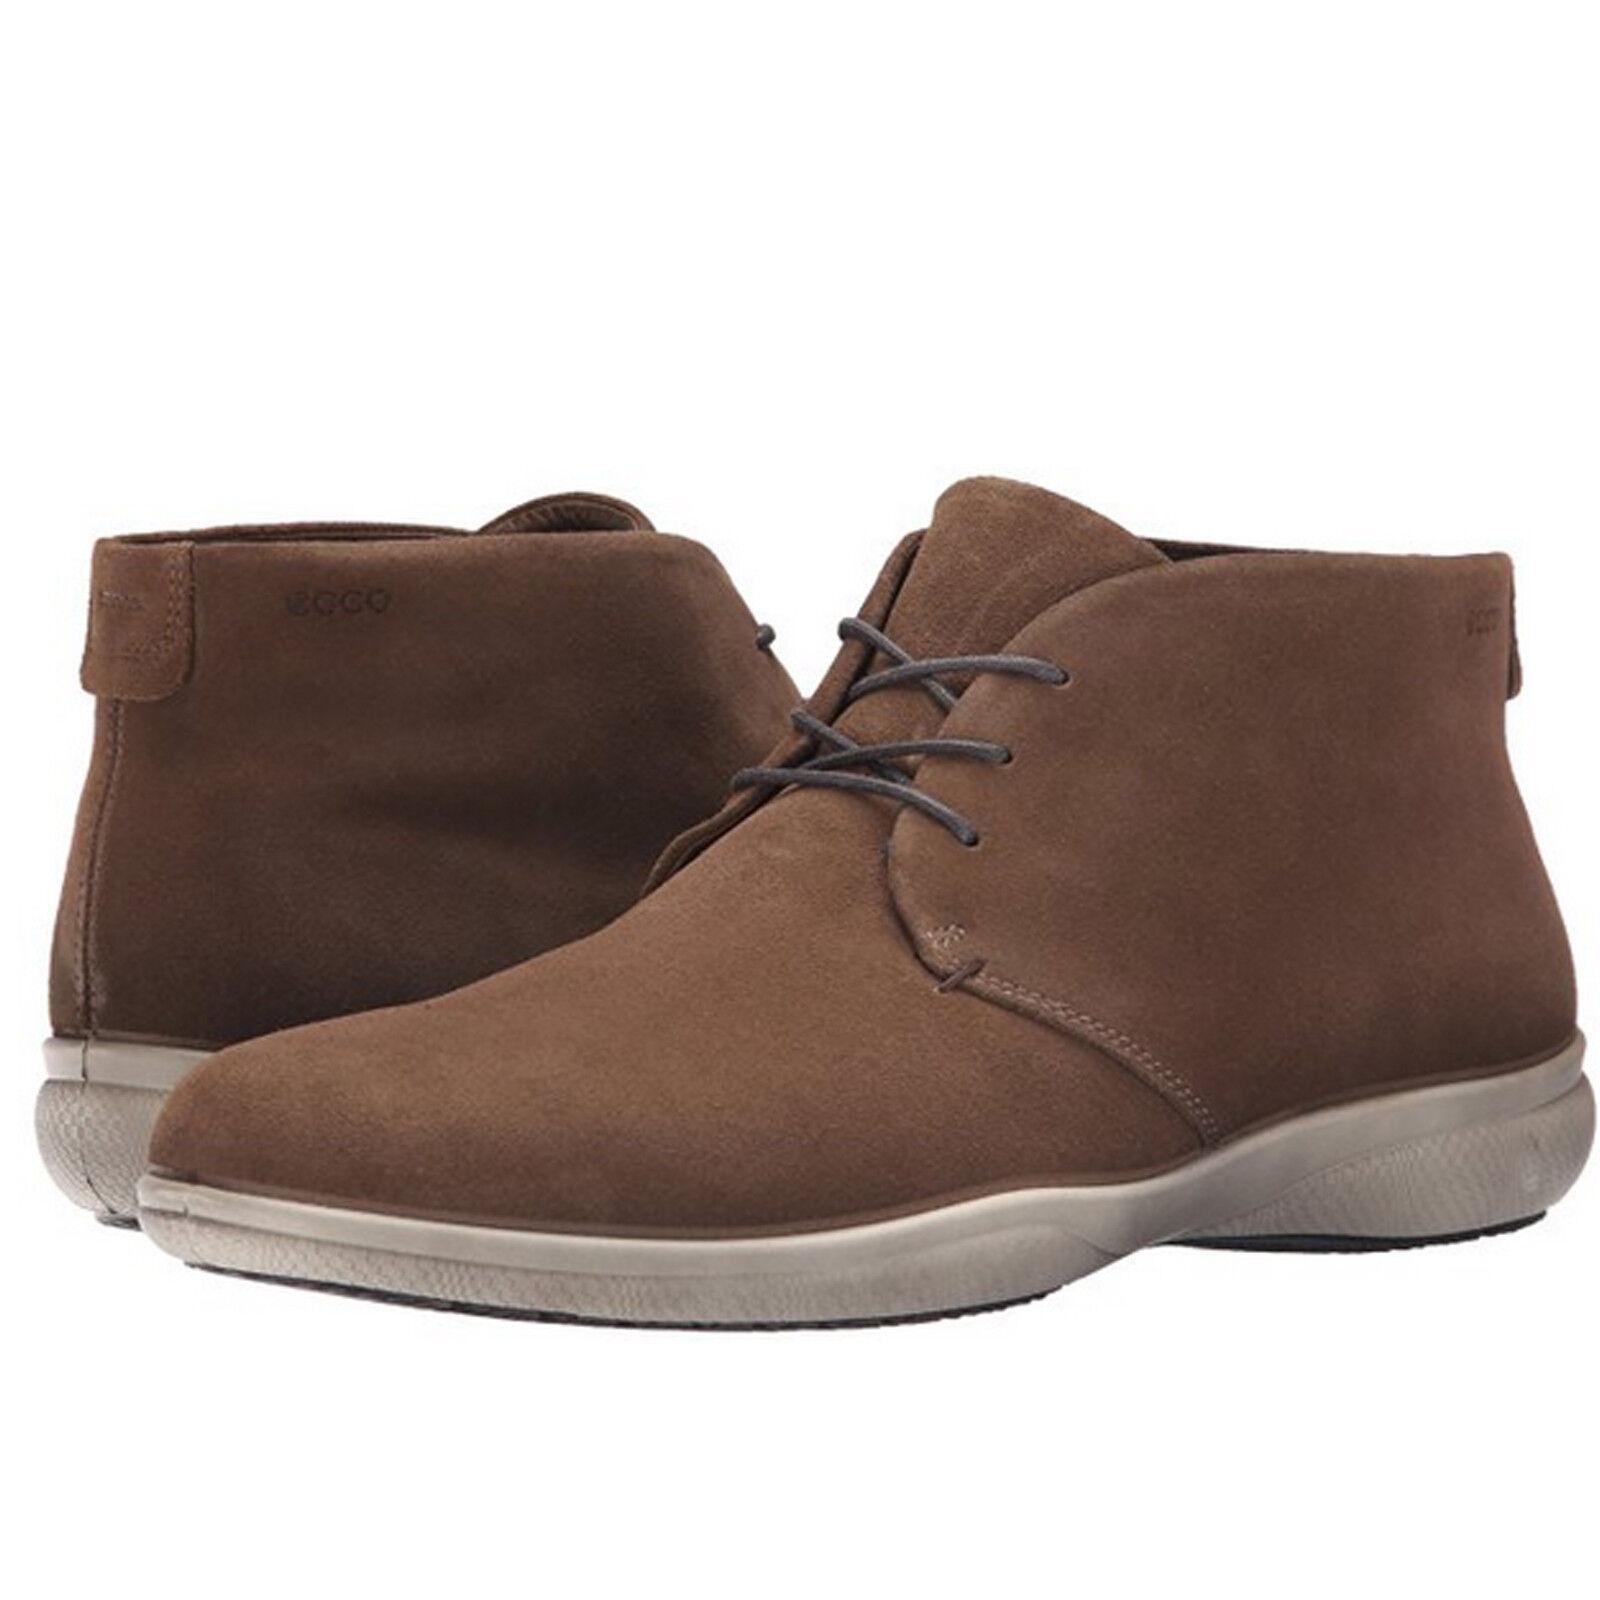 Ecco para hombre Grenoble Con Cordones Oxford Corte Bajo Casual Zapatos botas al Tobillo Chukka